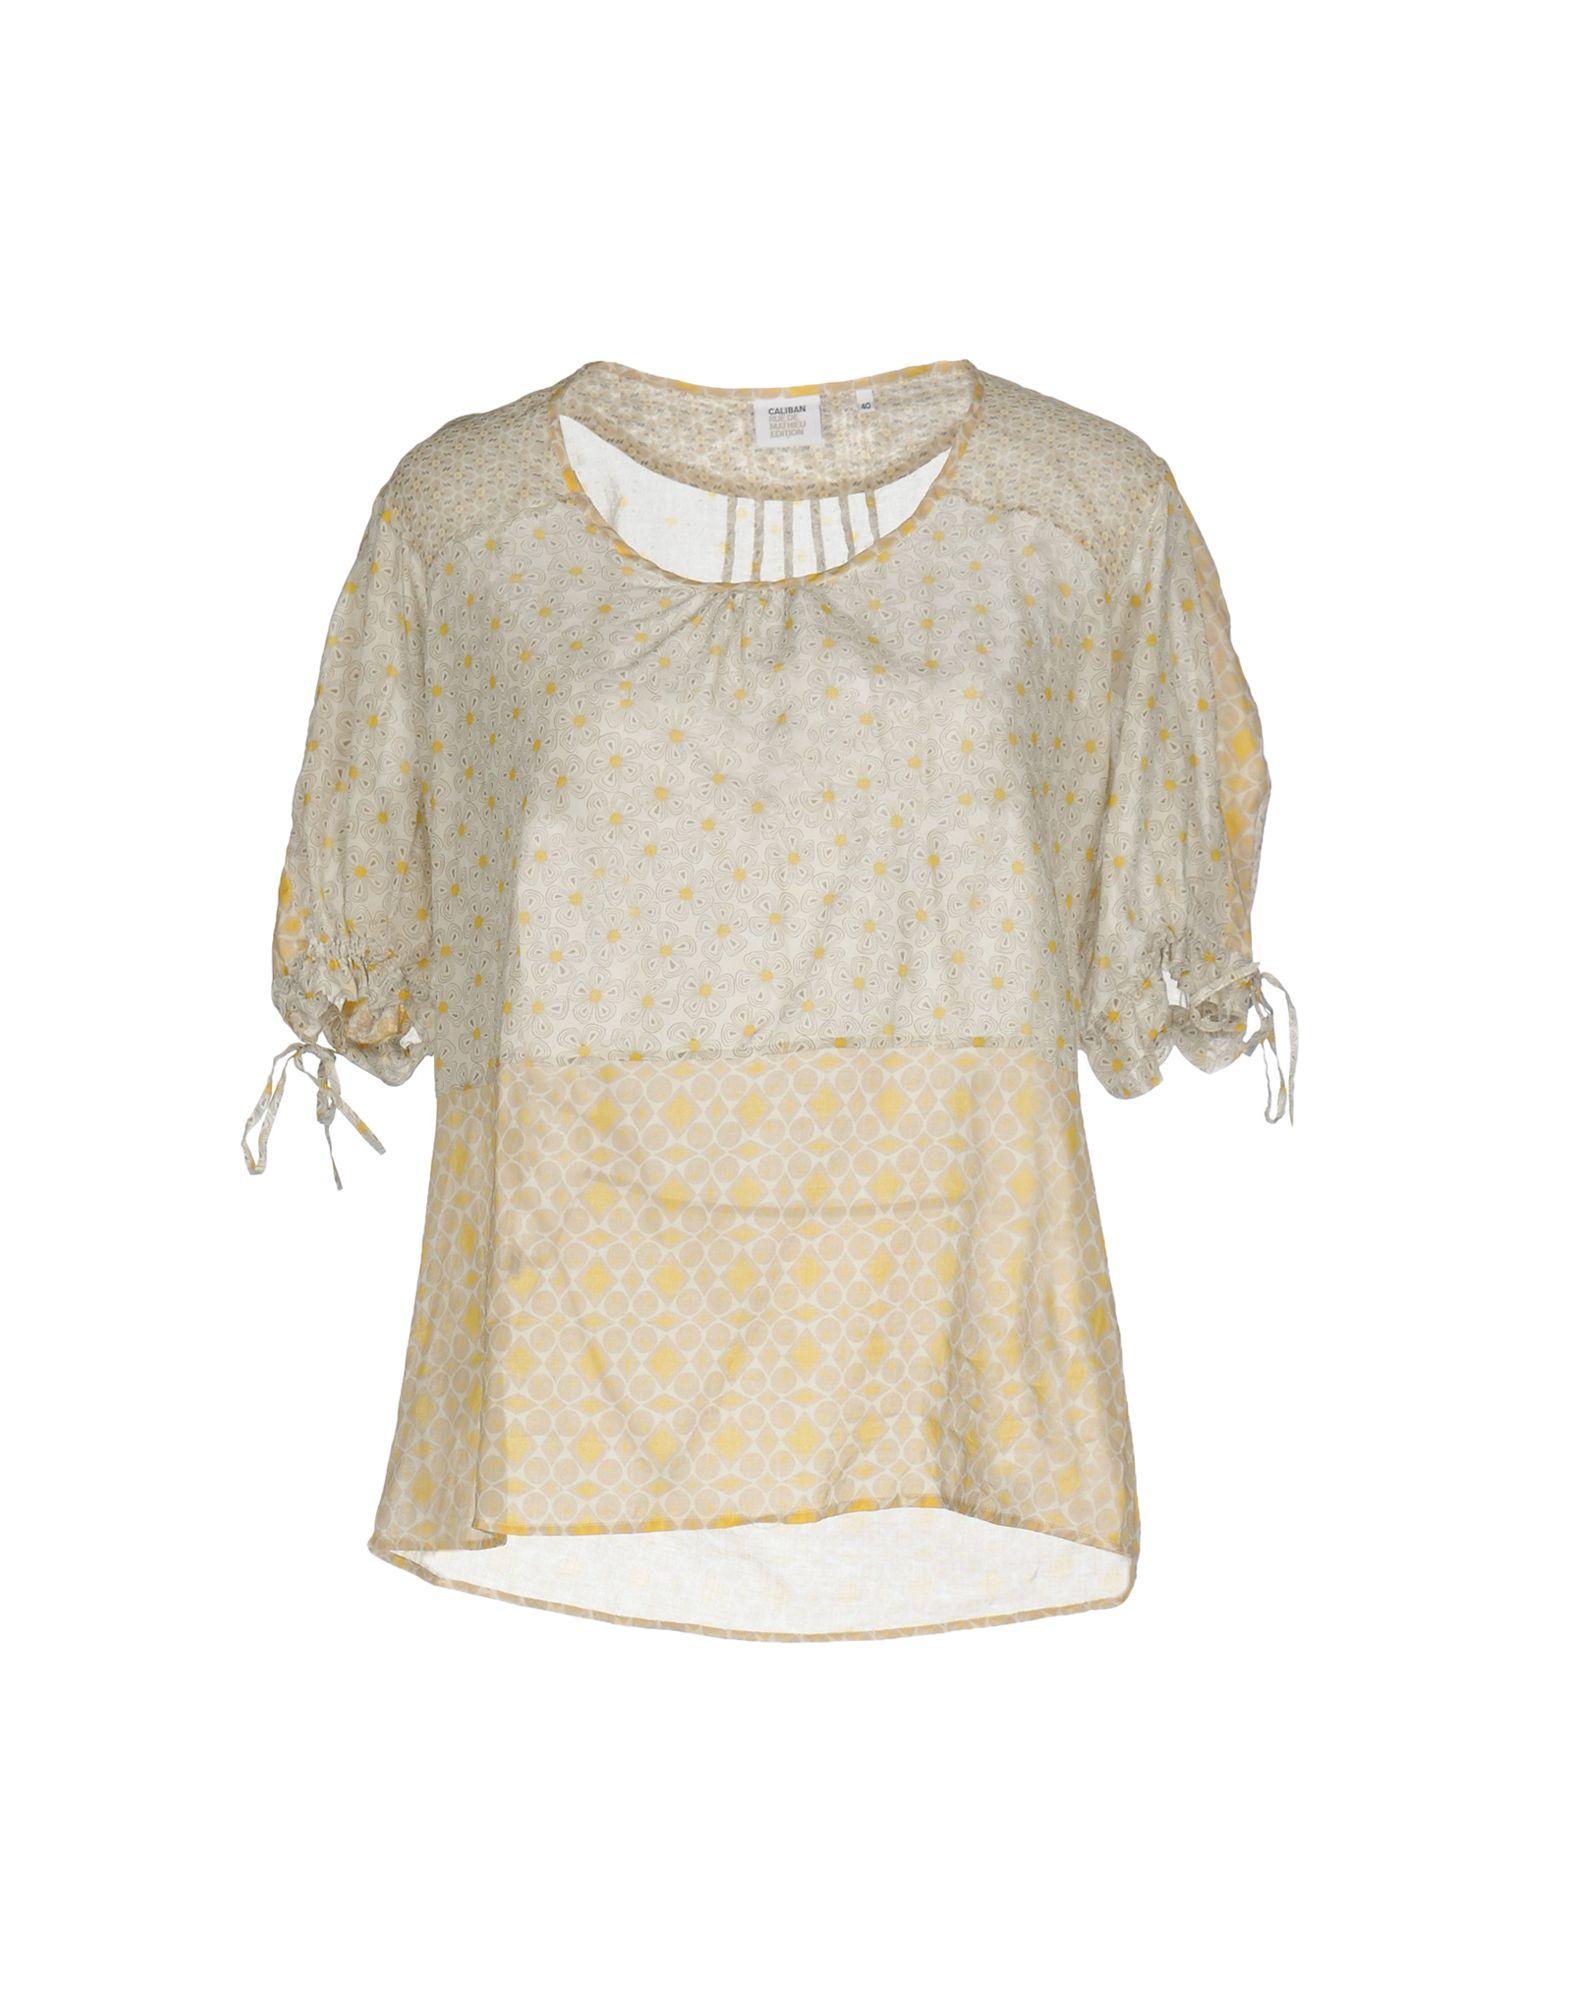 CALIBAN RUE DE MATHIEU EDITION Блузка christine mathieu блузка